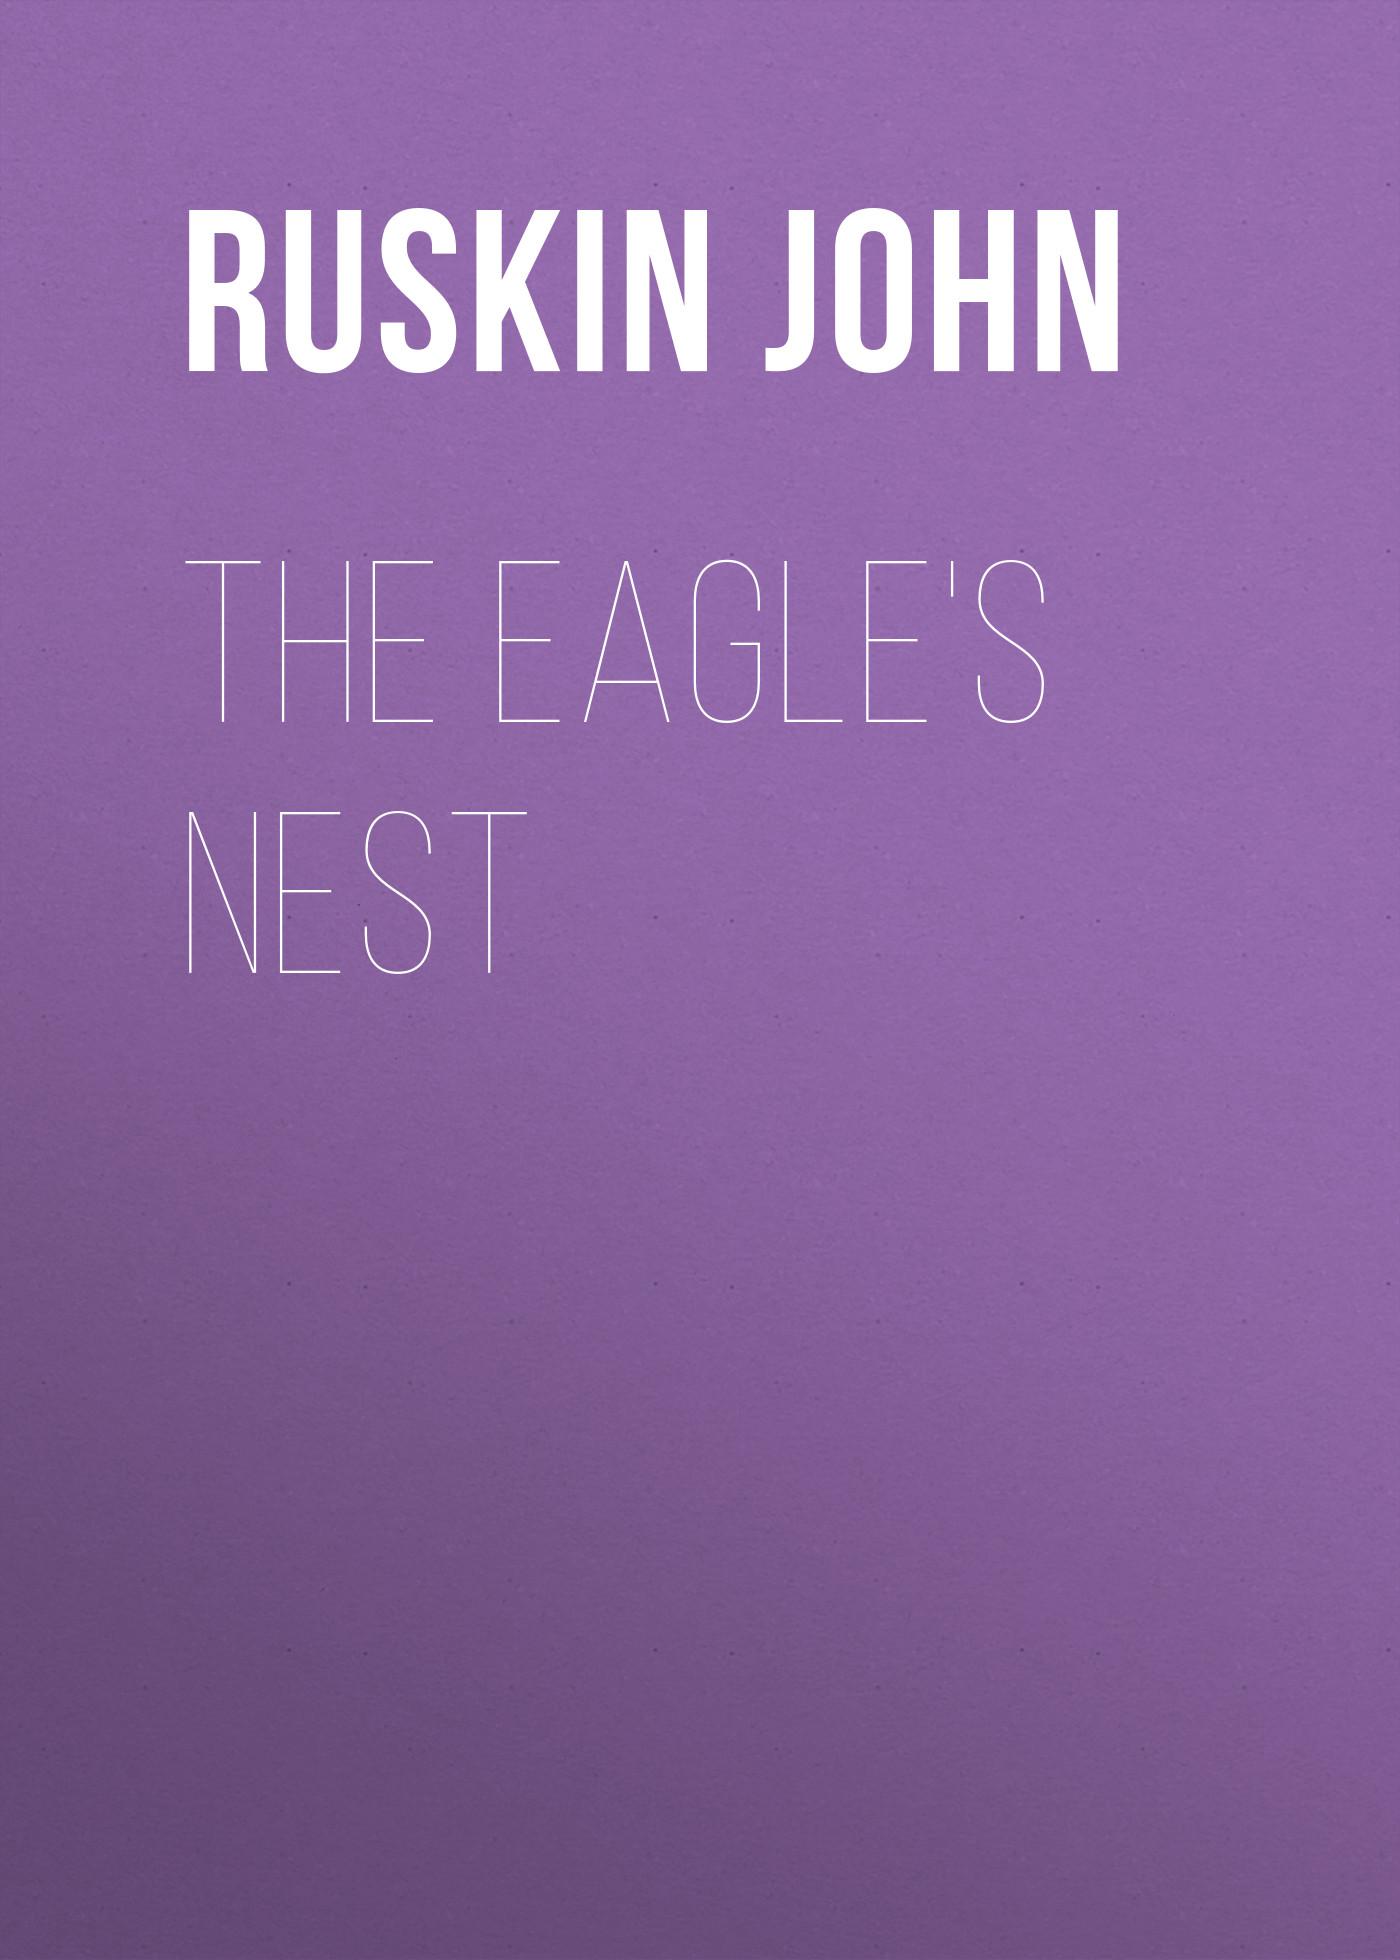 где купить Ruskin John The Eagle's Nest по лучшей цене